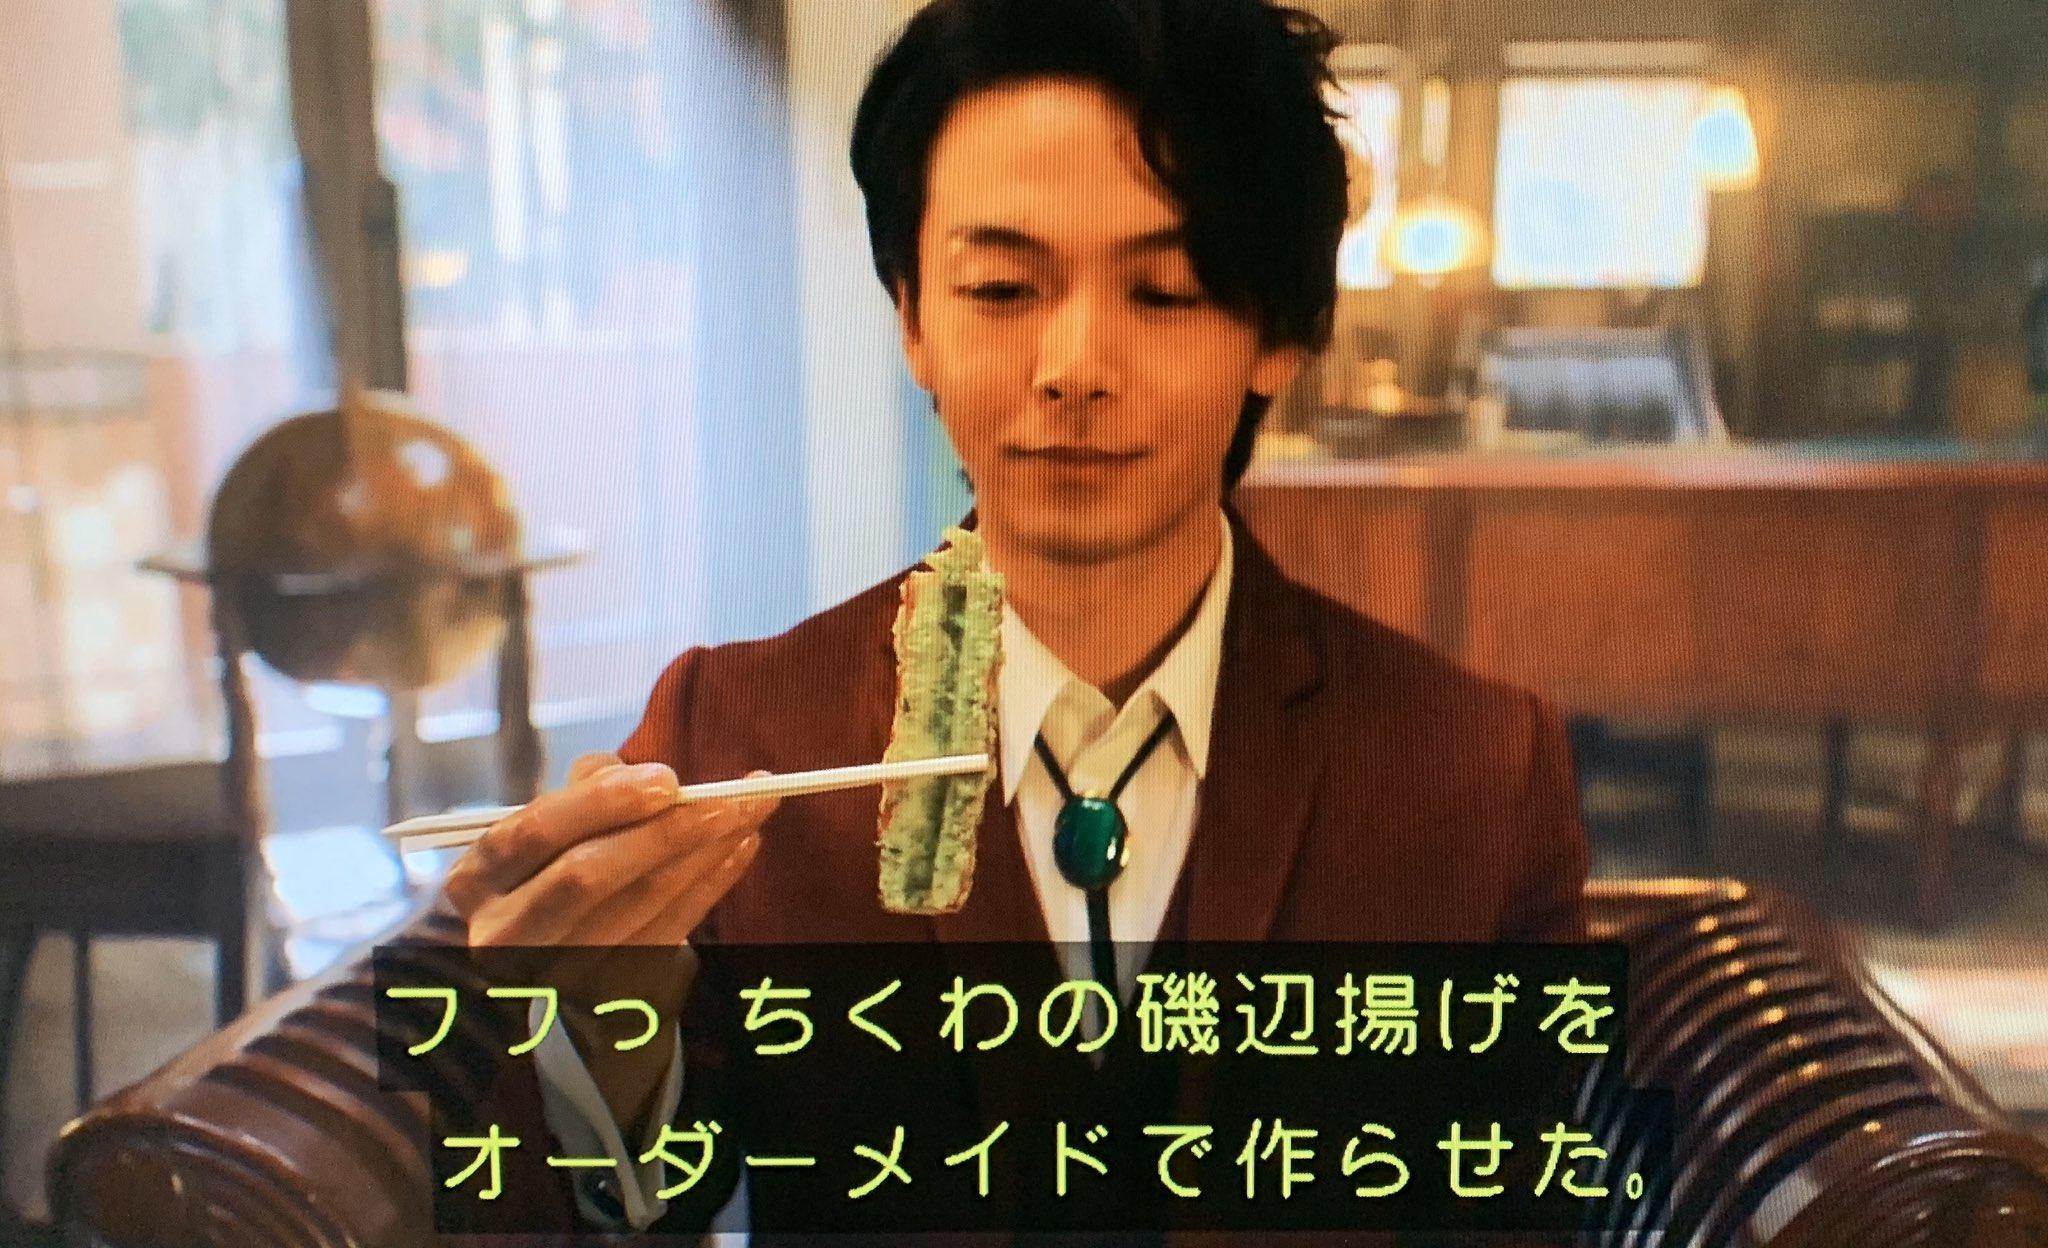 銀田一 中年 on Twitter